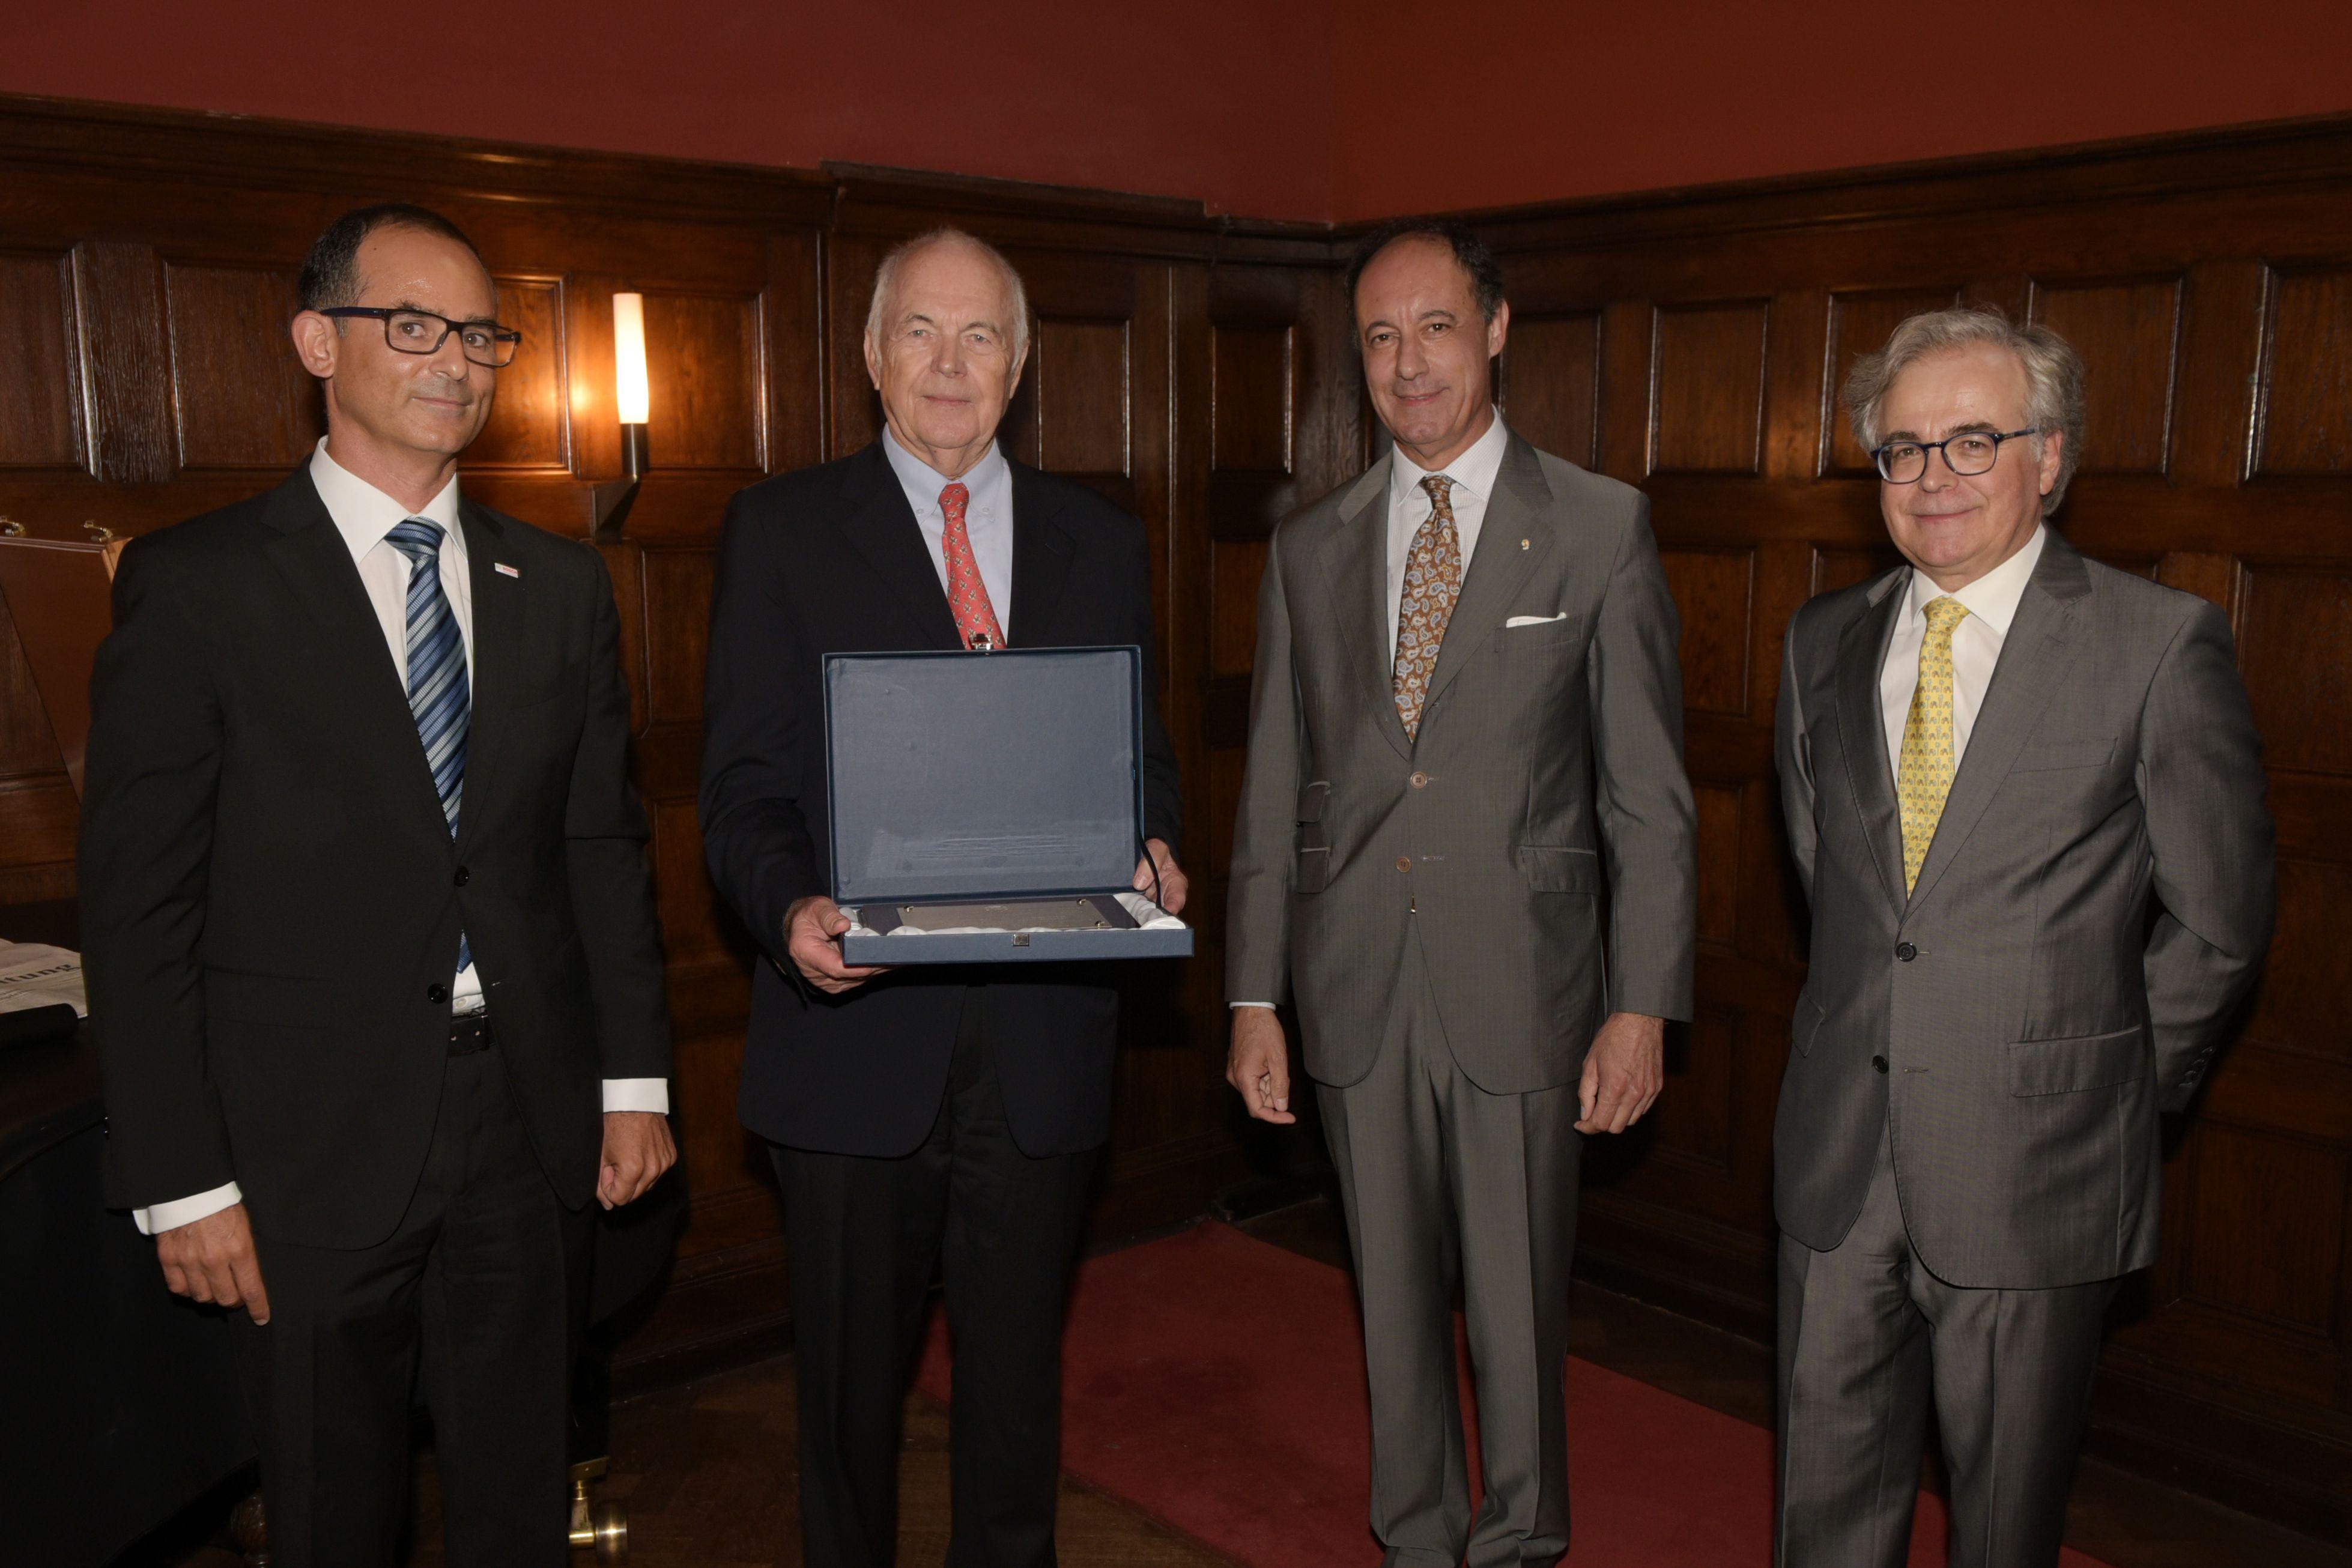 La Cámara Oficial Española de Comercio en Alemania distingue a Kurt Liedtke